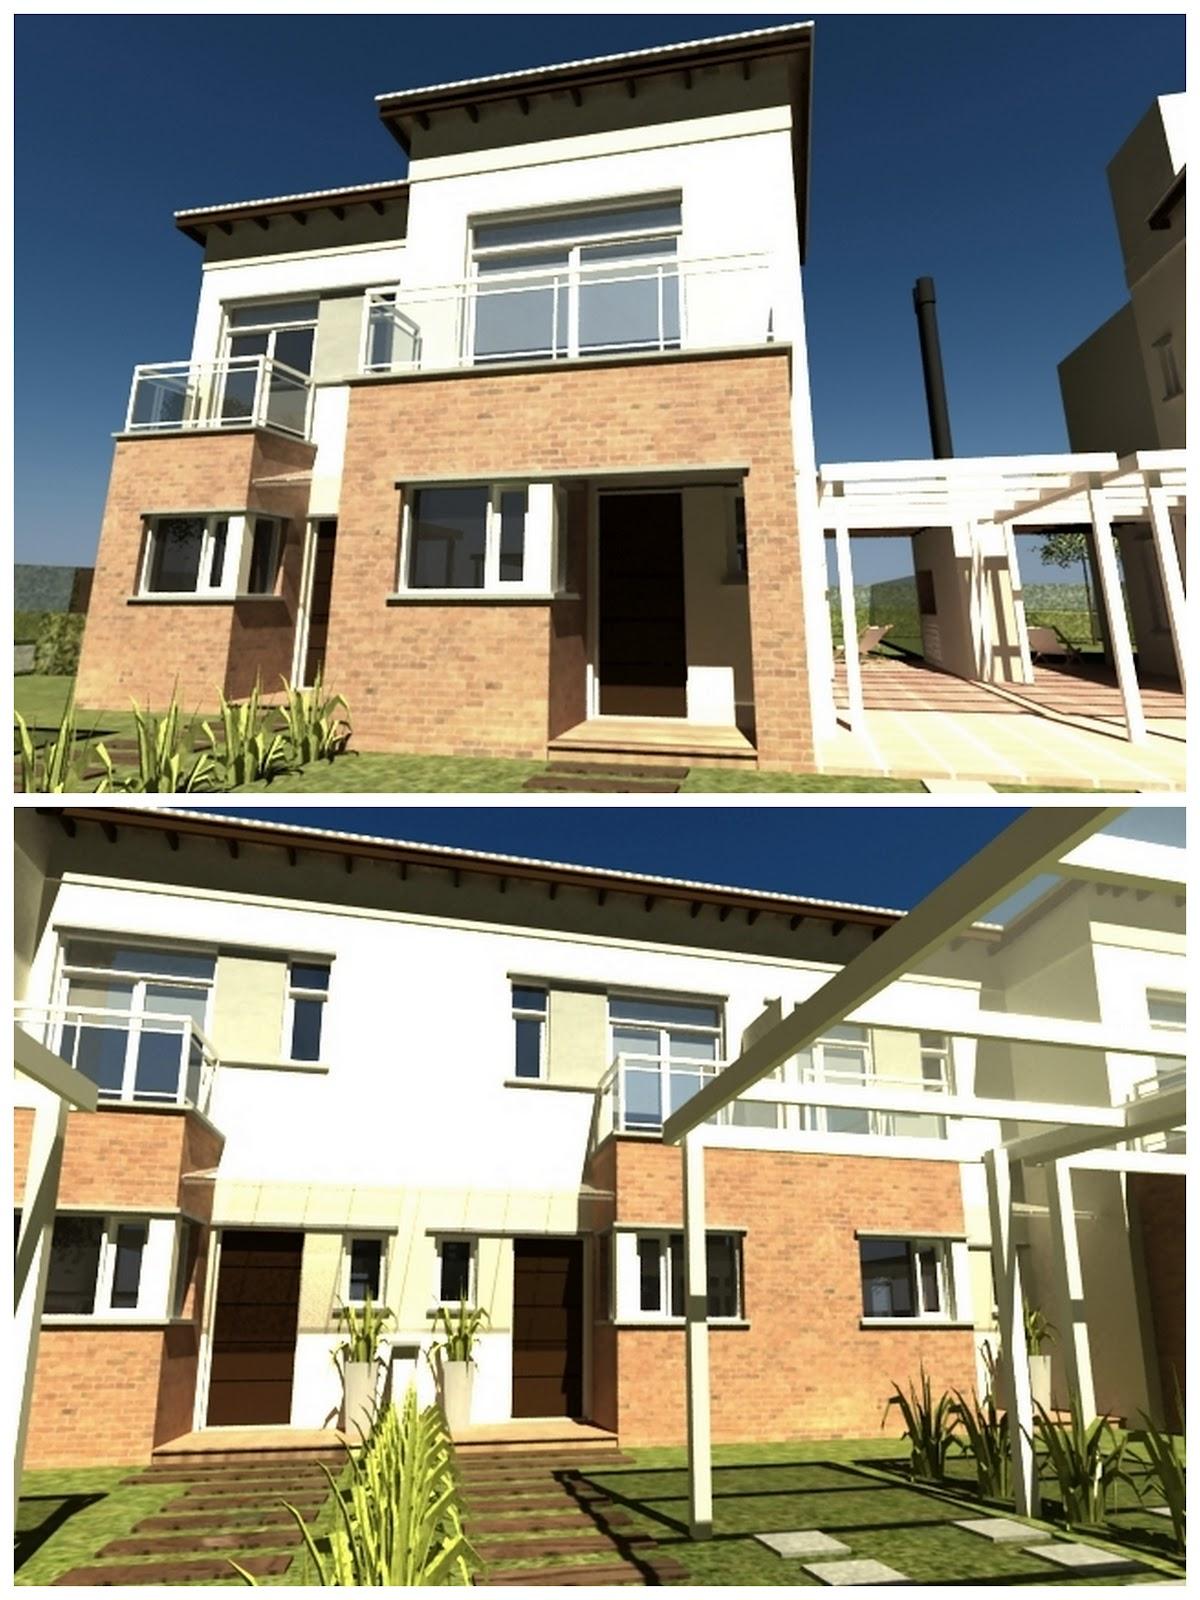 Gkq arquitectura emprendimiento viviendas en barrio privado for Vivienda arquitectura